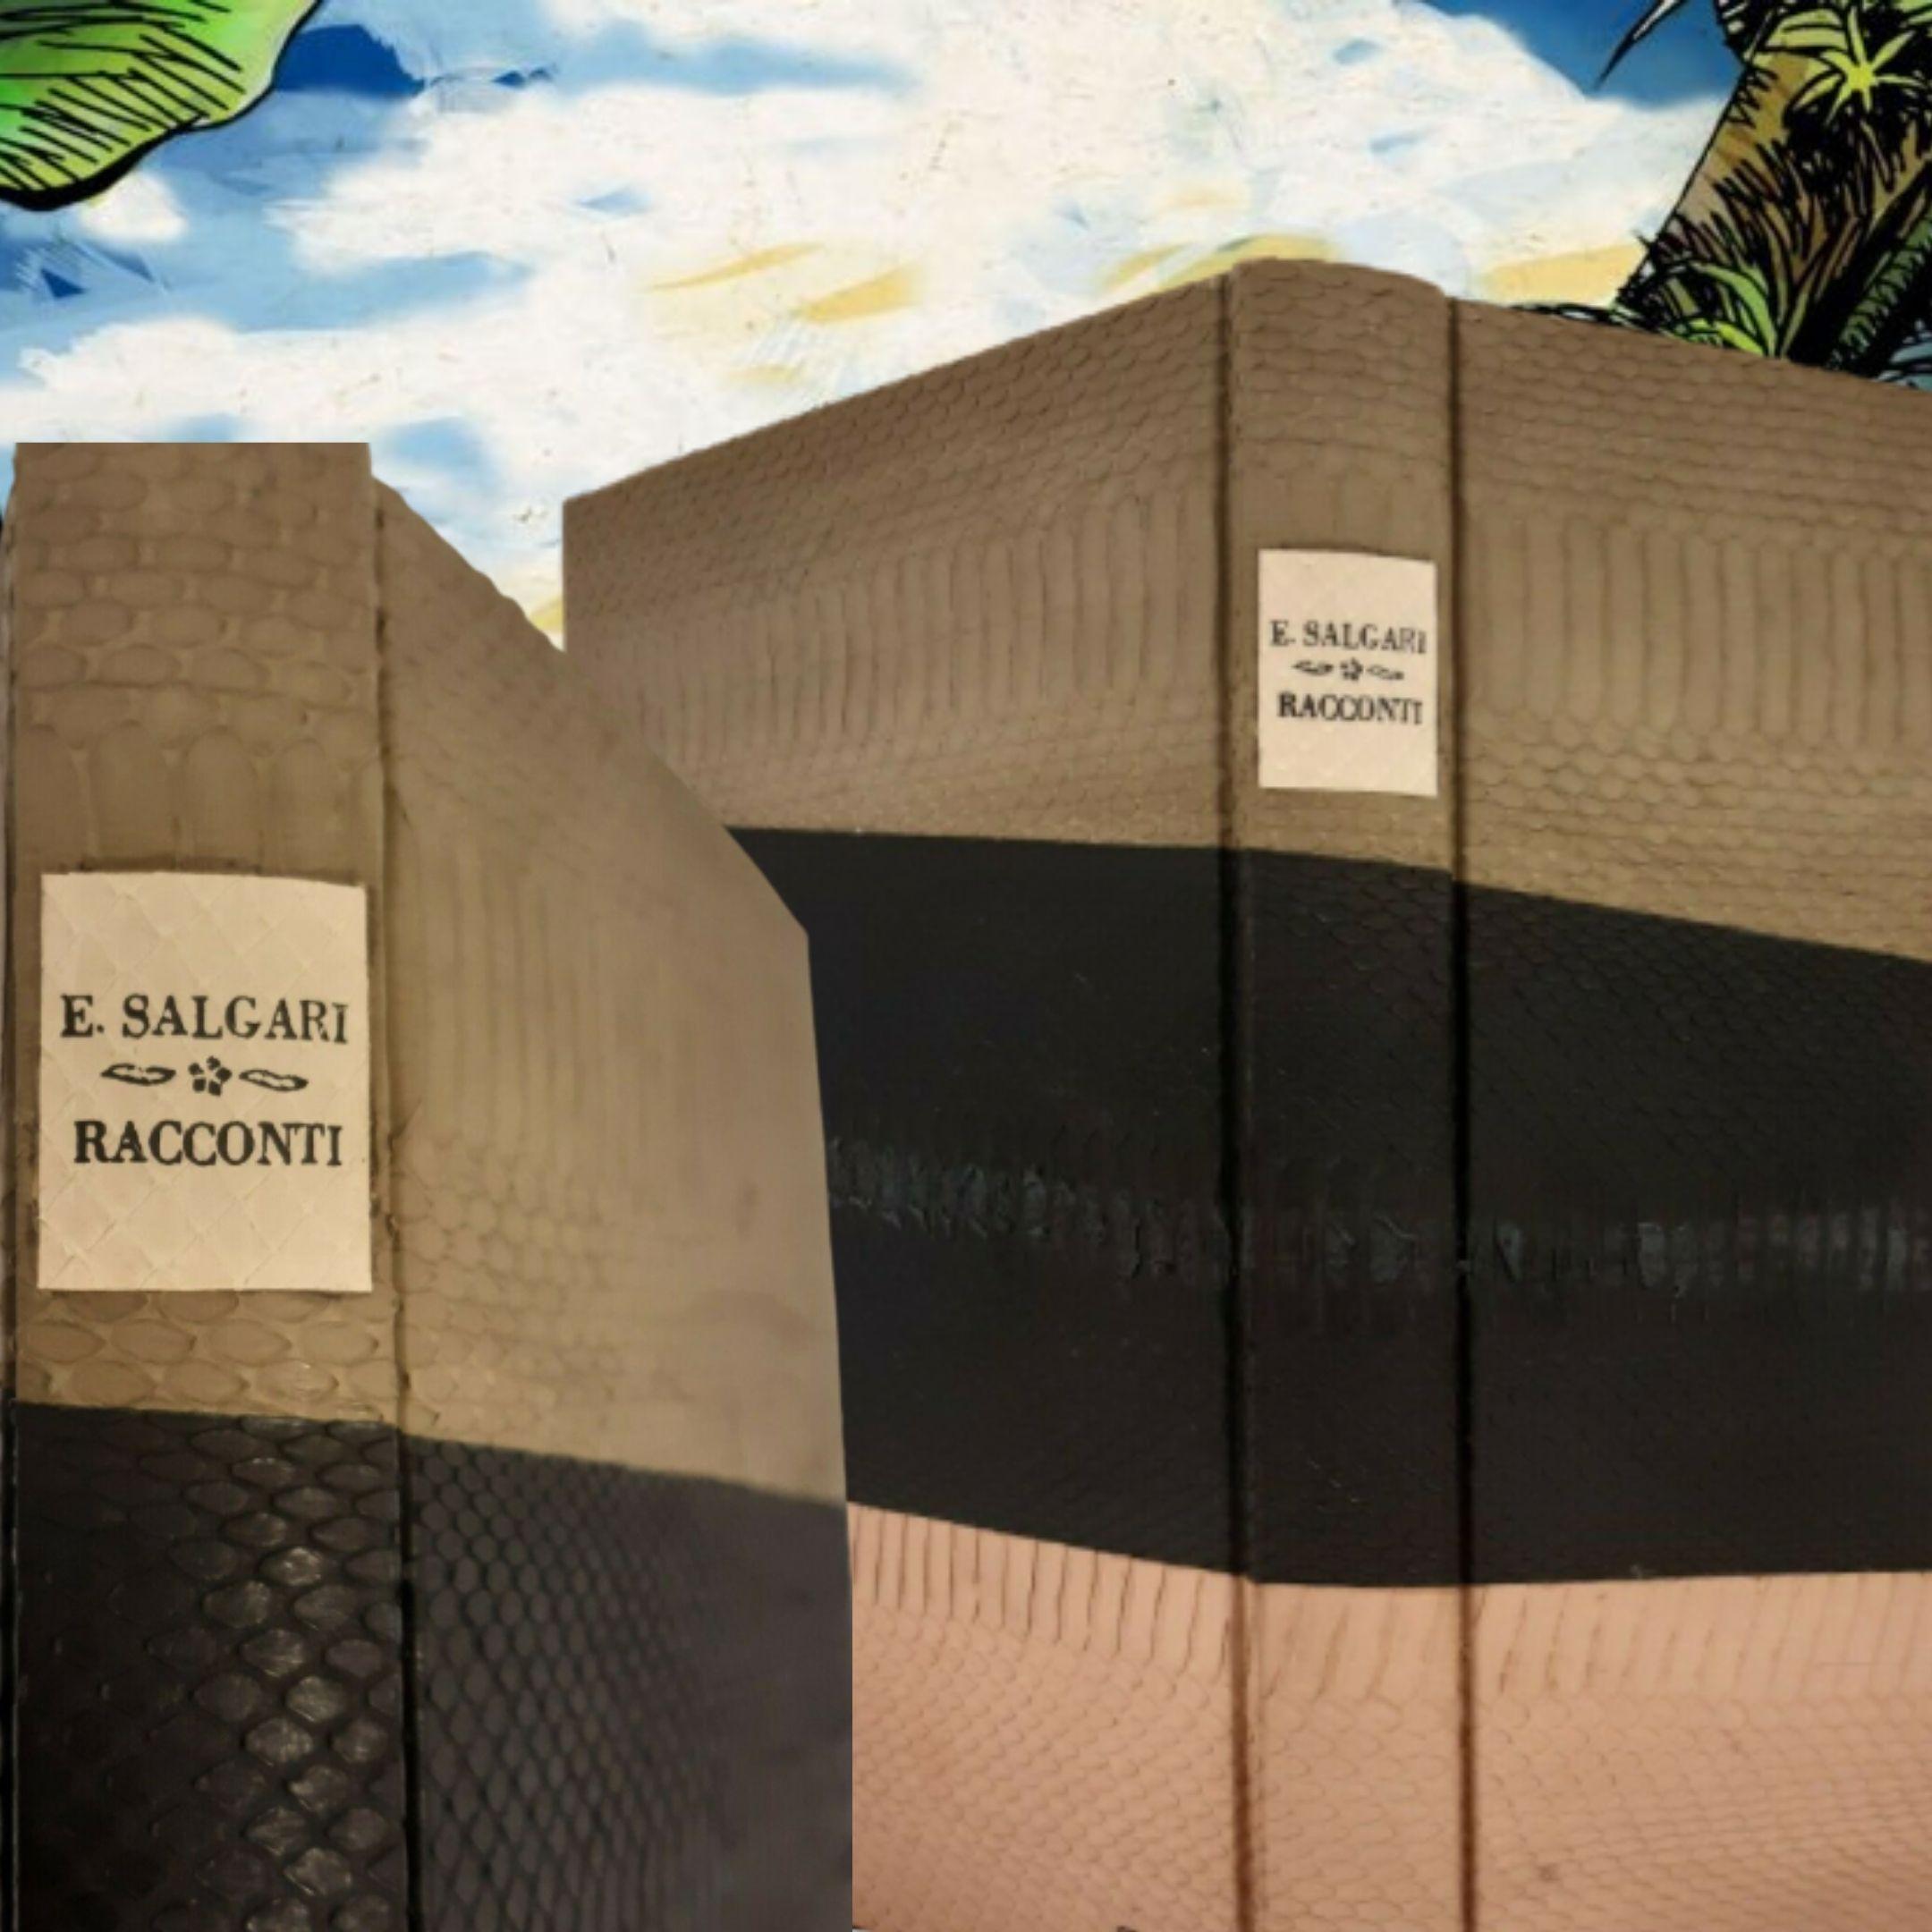 """Curioso libro di Emilio Salgari, """"I racconti"""", rilegato con pelli di serpenti a intarsio: un'opera eseguita ad arte"""